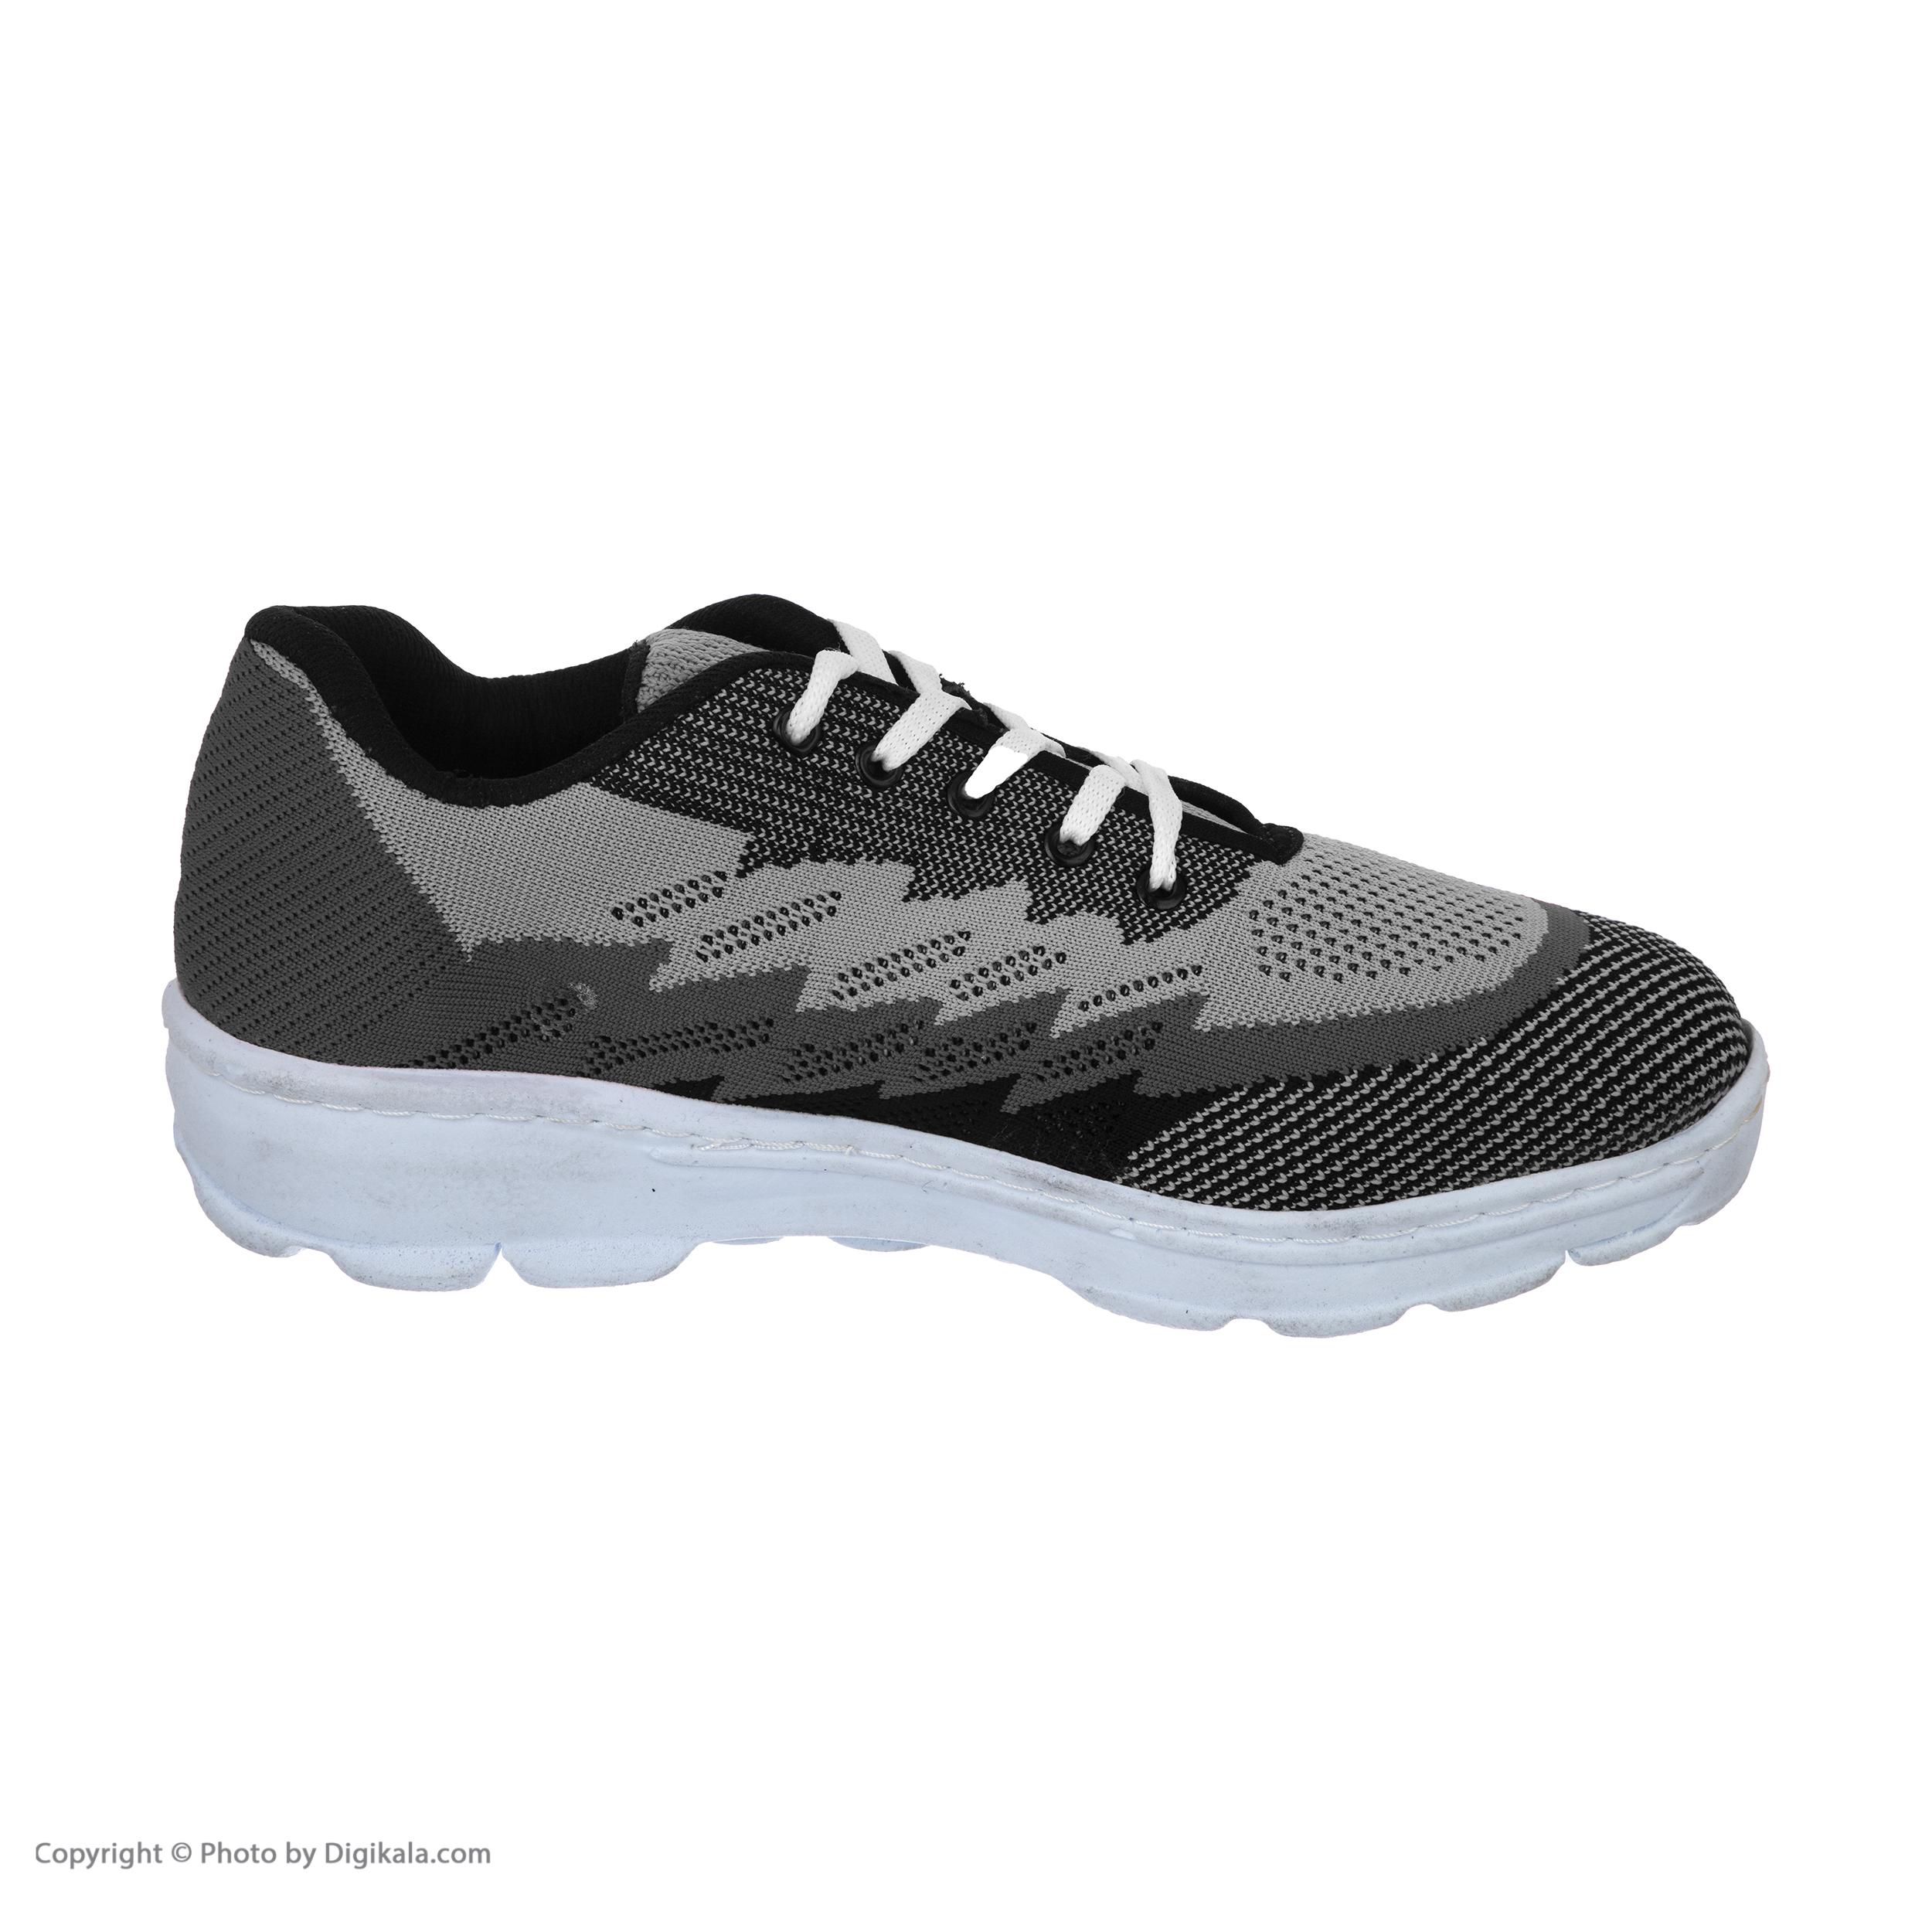 خرید و قیمت                                      کفش پیاده روی مردانه مدل Nk-TT                     غیر اصل